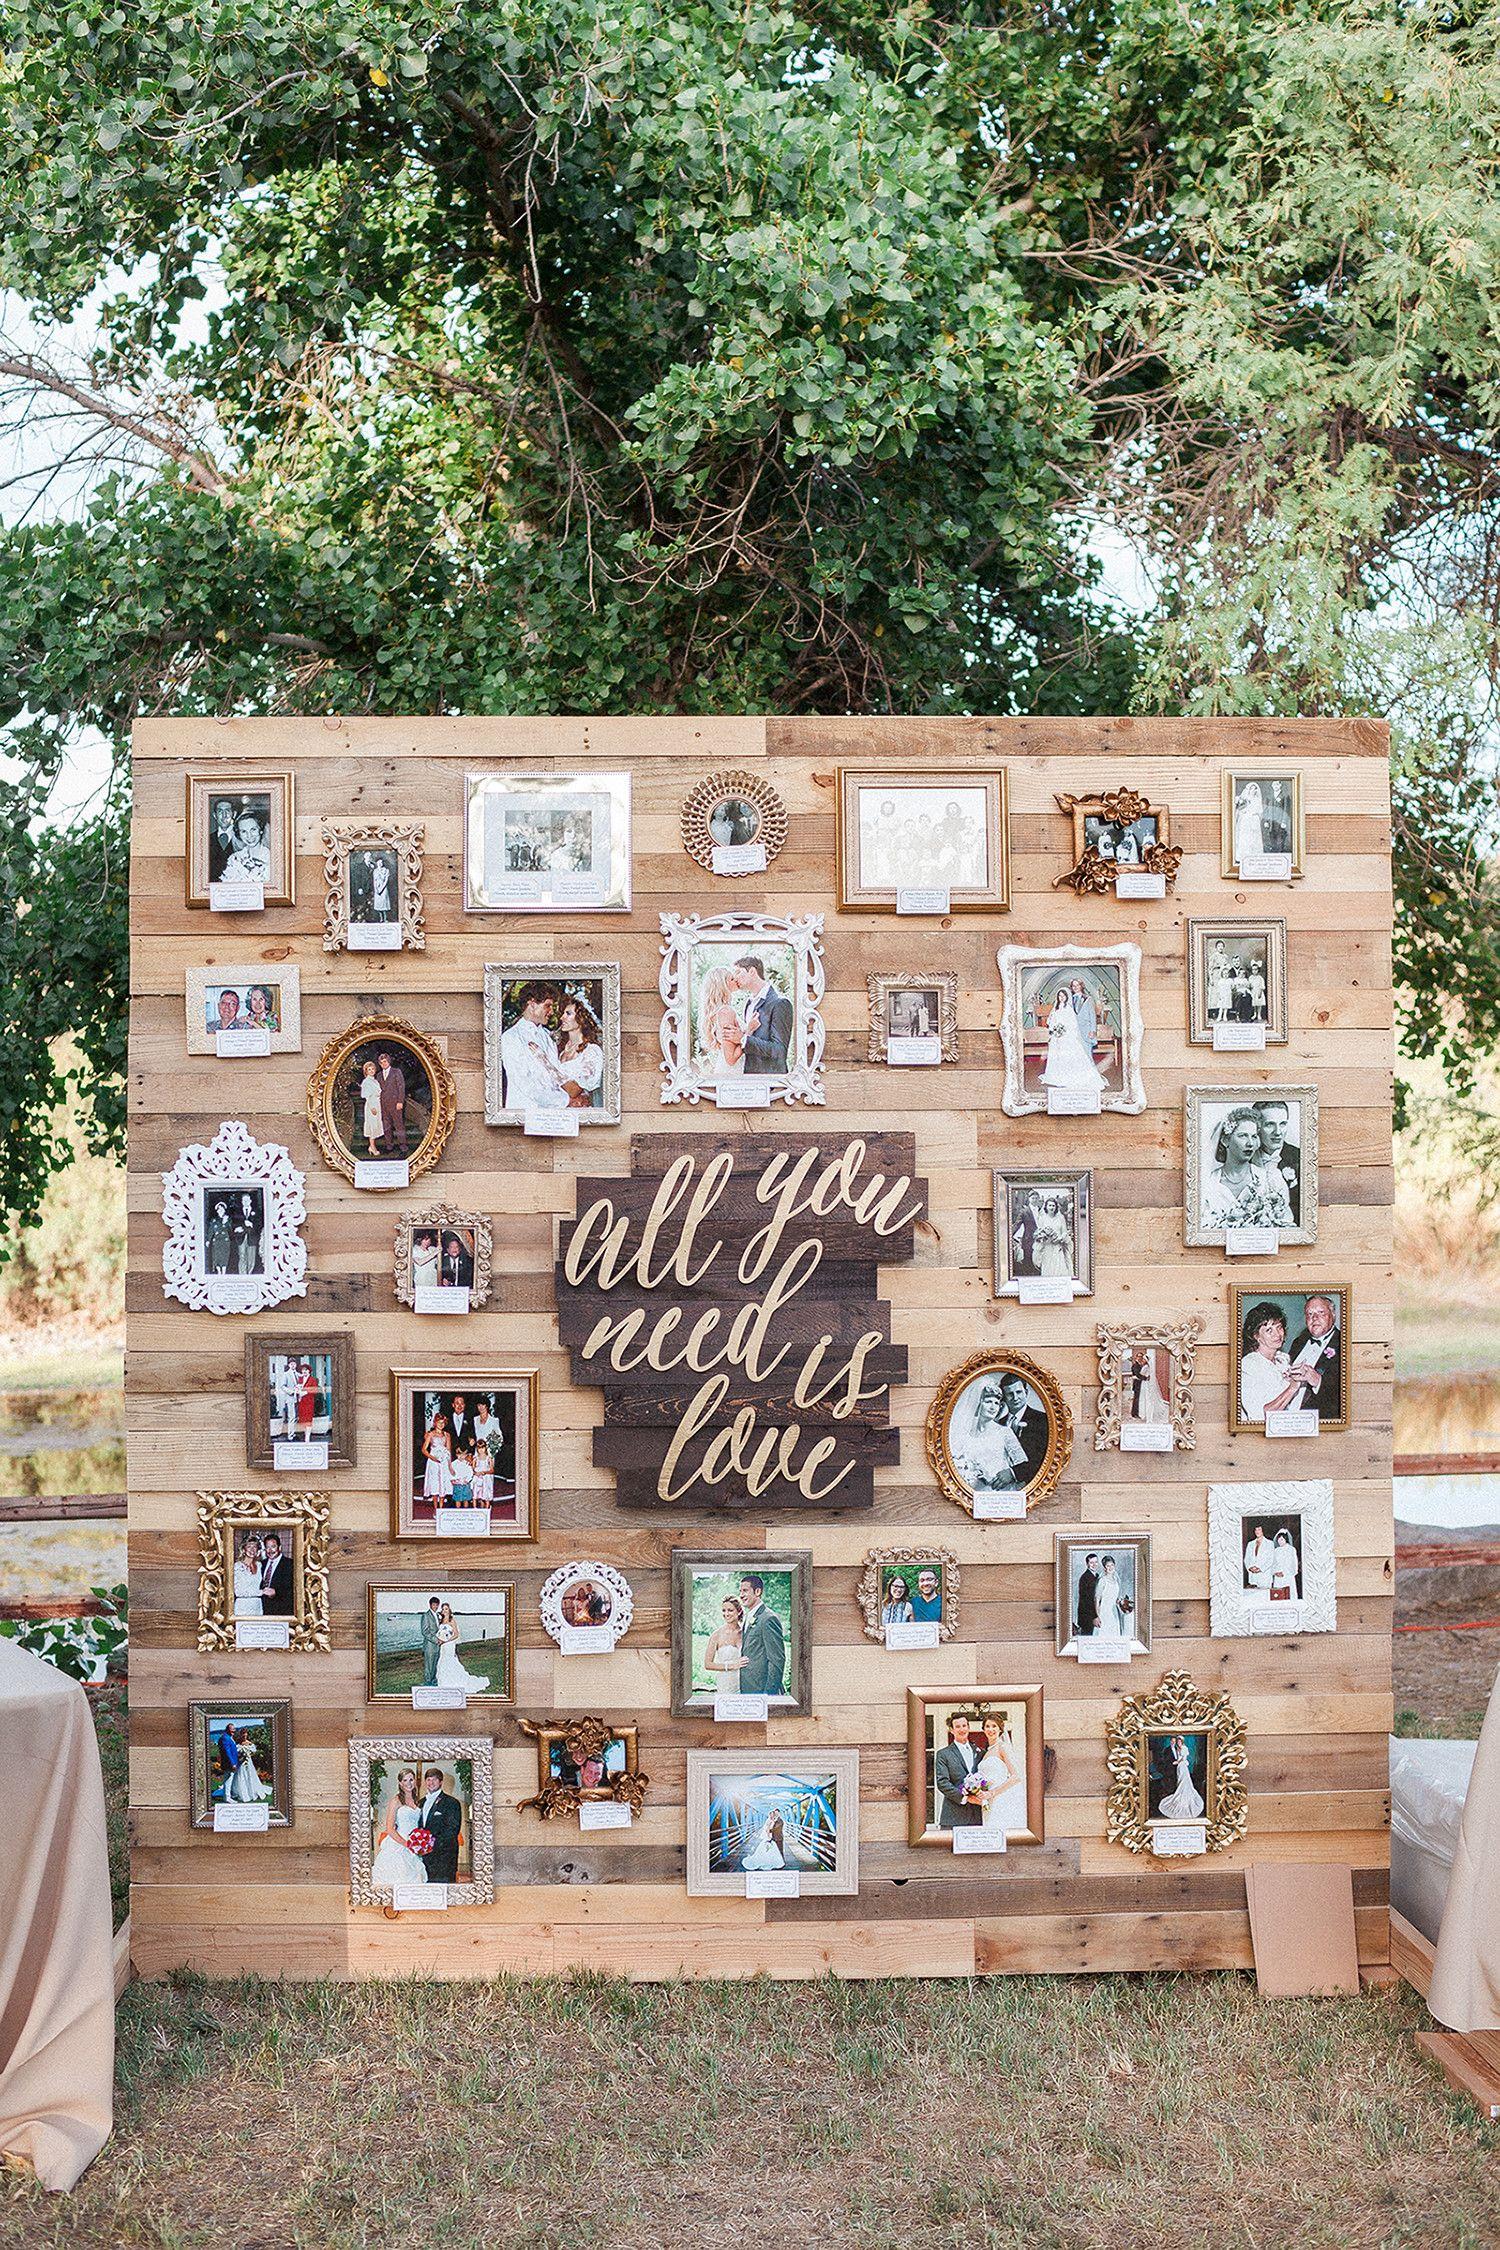 22 Creative Ways to Display Photos at Your Wedding